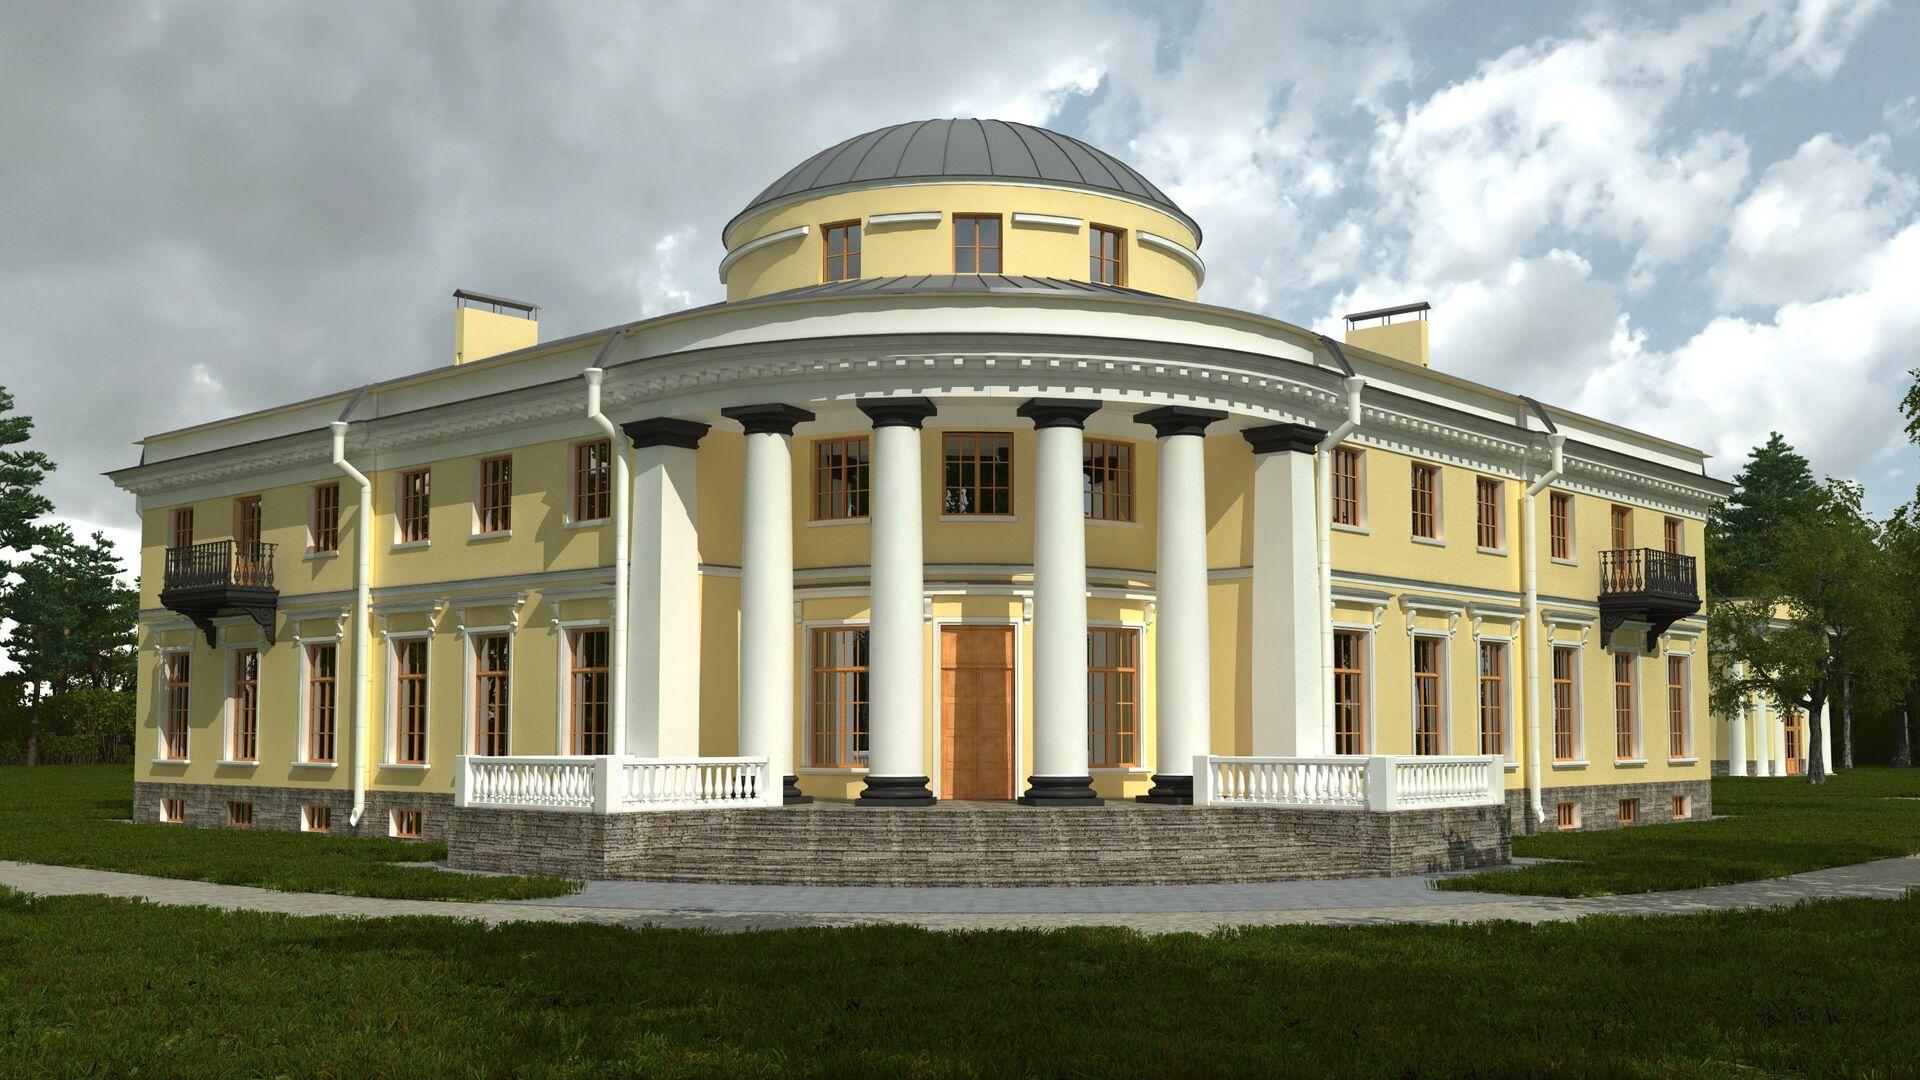 Усадьба Уткина дача. Проект - РИА Новости, 1920, 01.09.2021